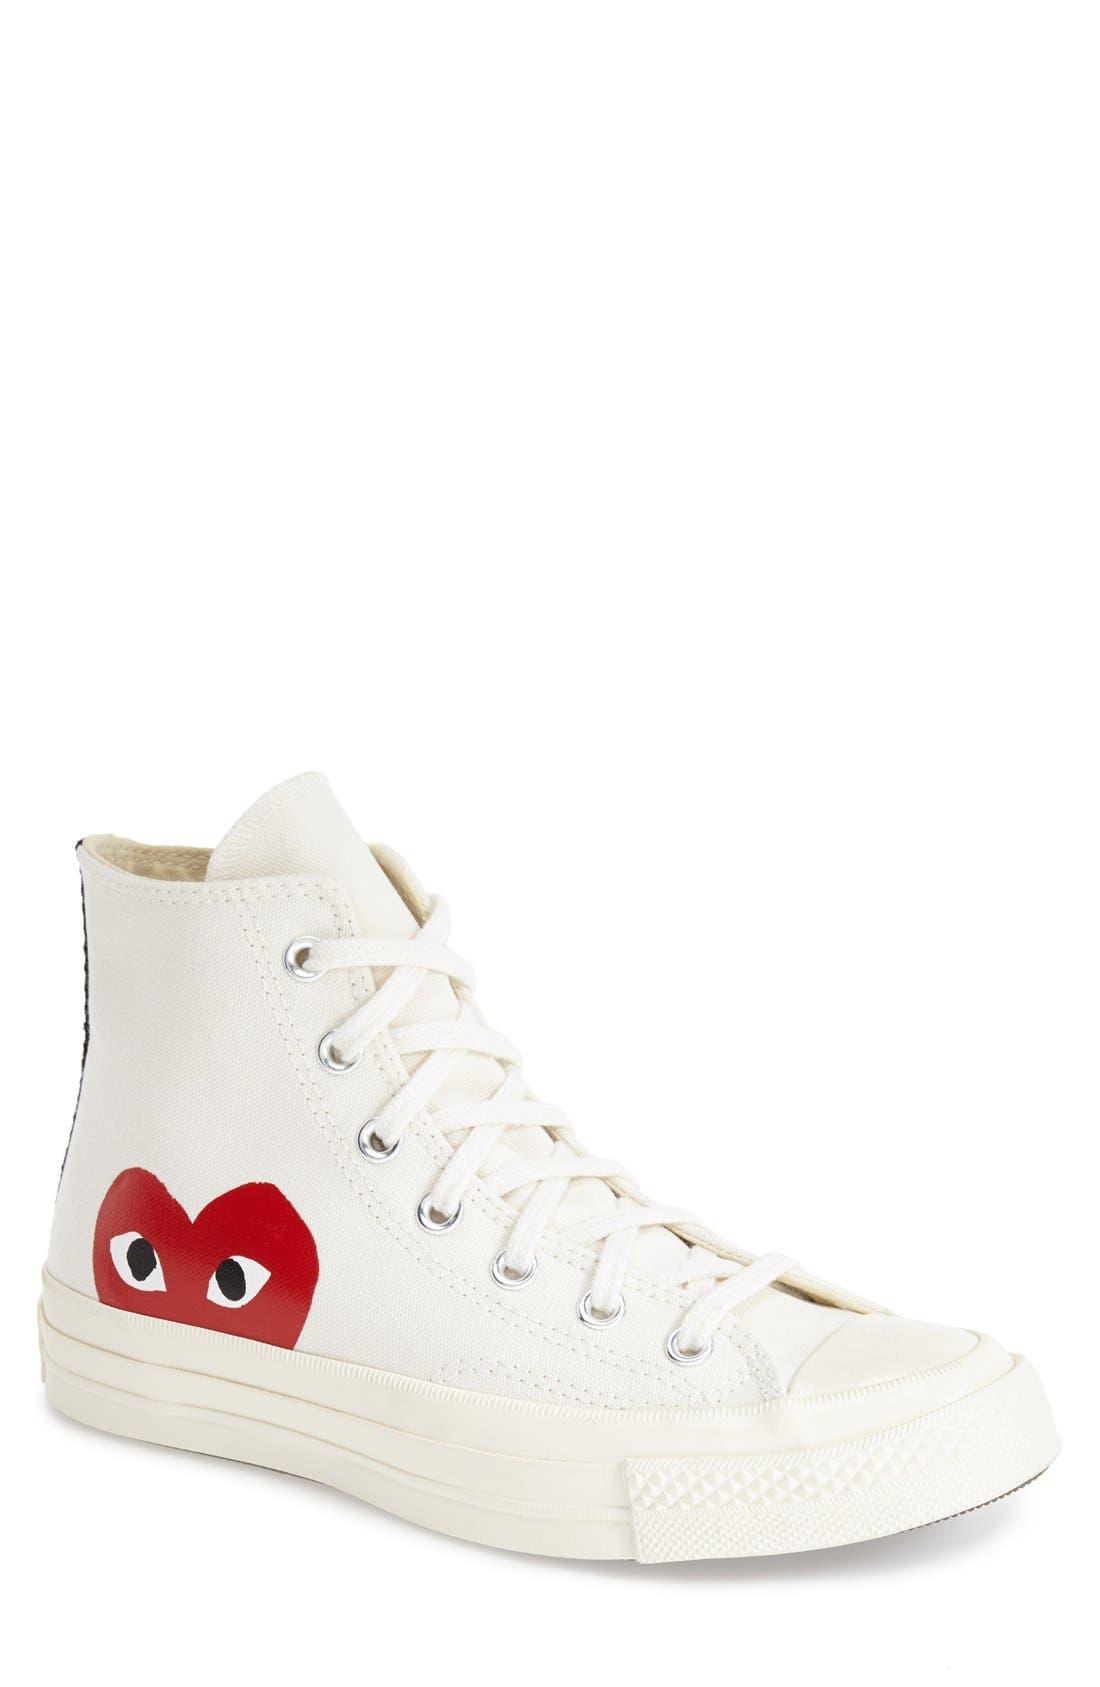 Comme des Gar�ons PLAY x Converse Chuck Taylor� - Hidden Heart High Top  Sneaker (Men)